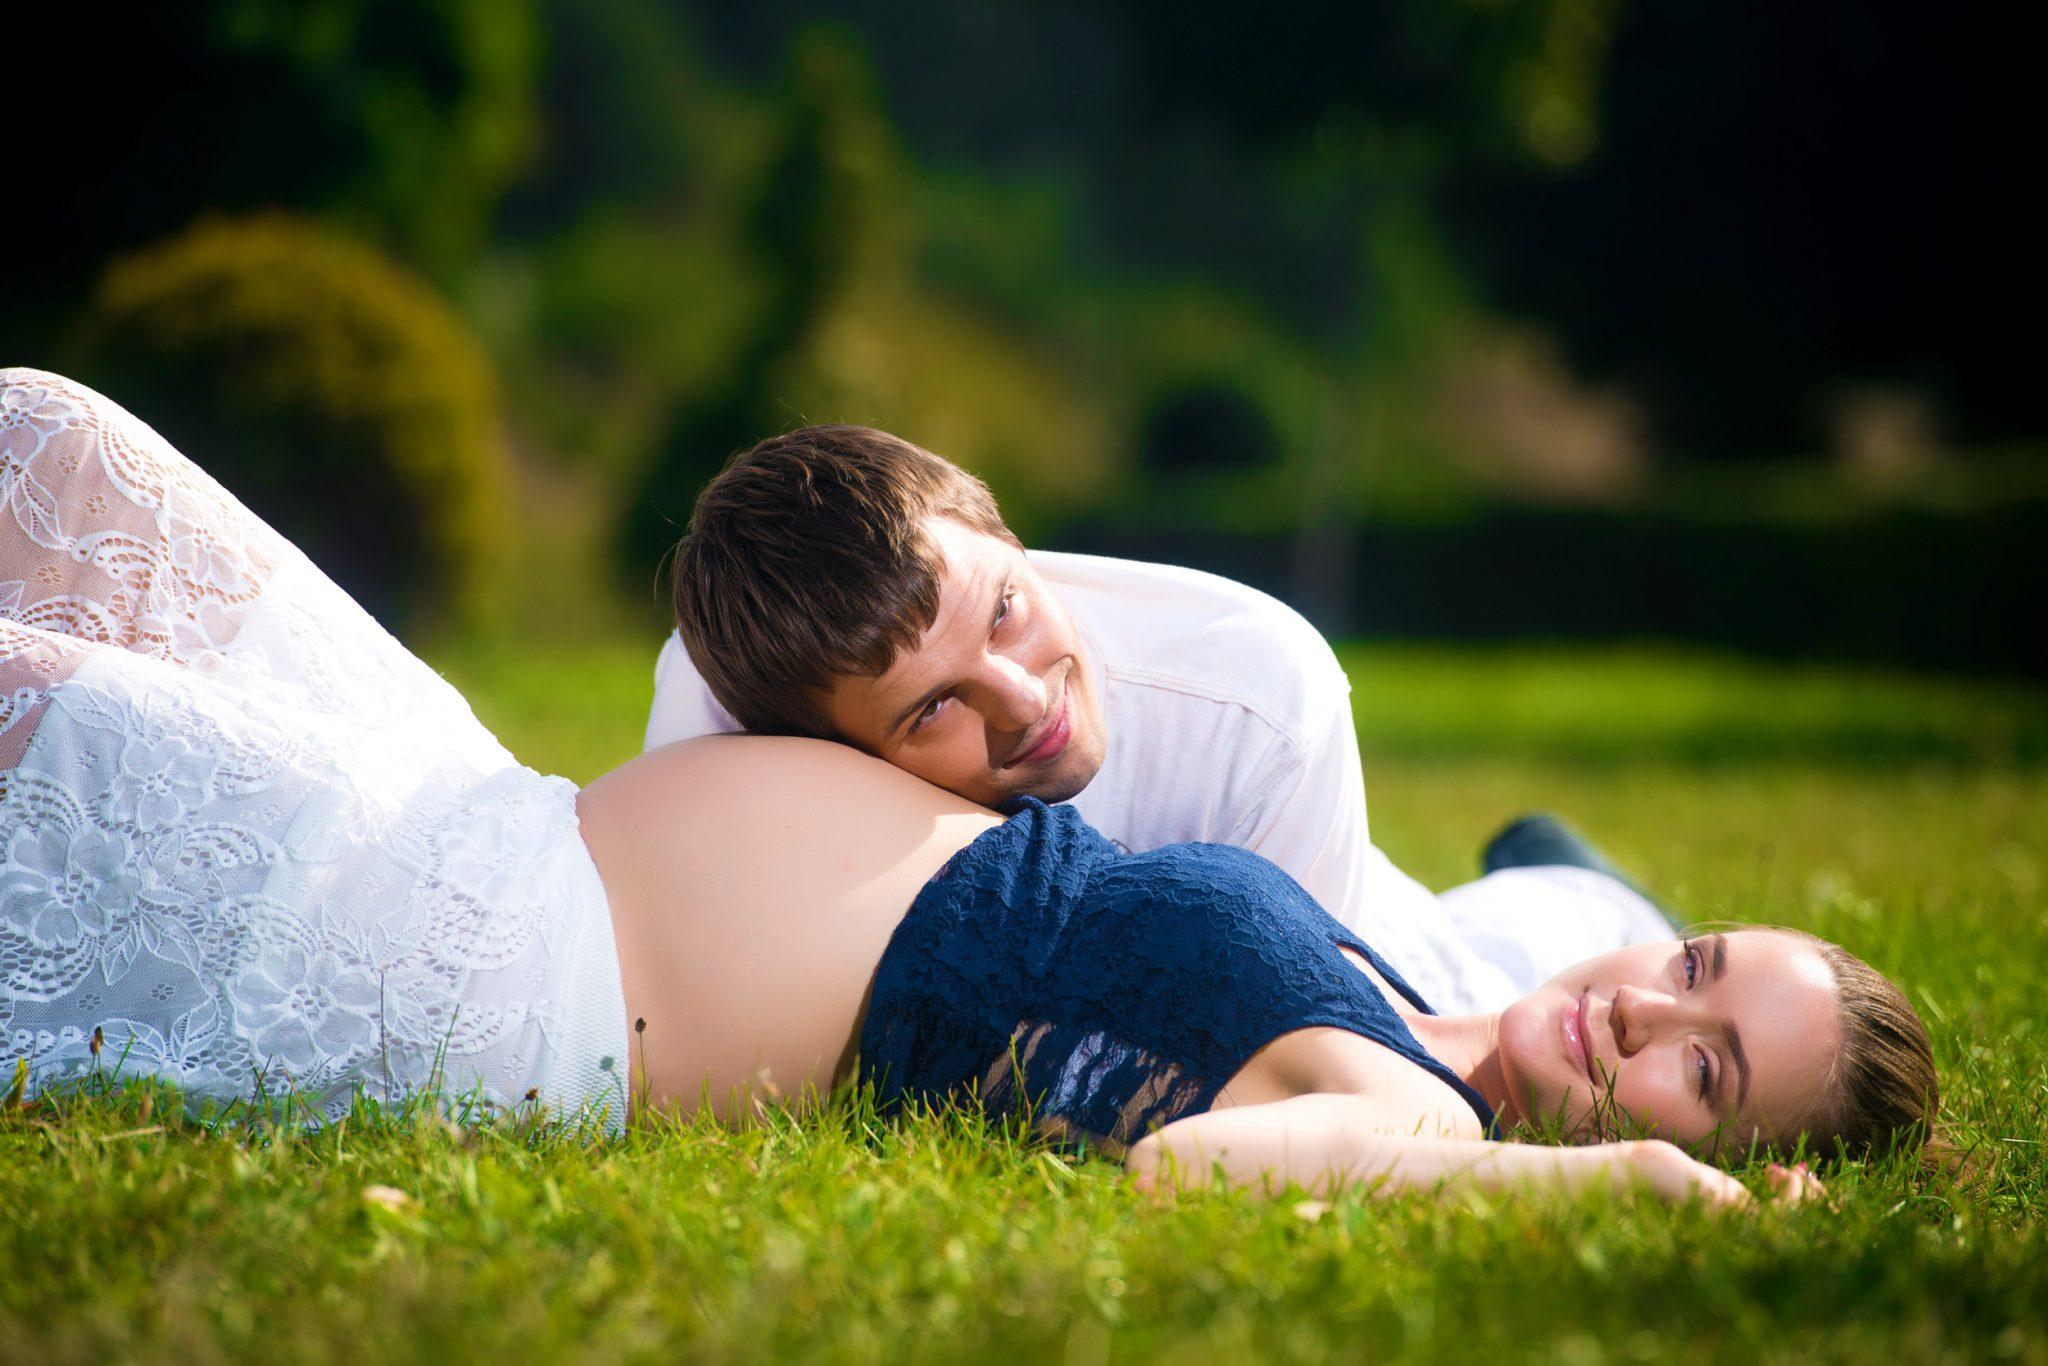 Грибок на ногах как лечить беременным 21